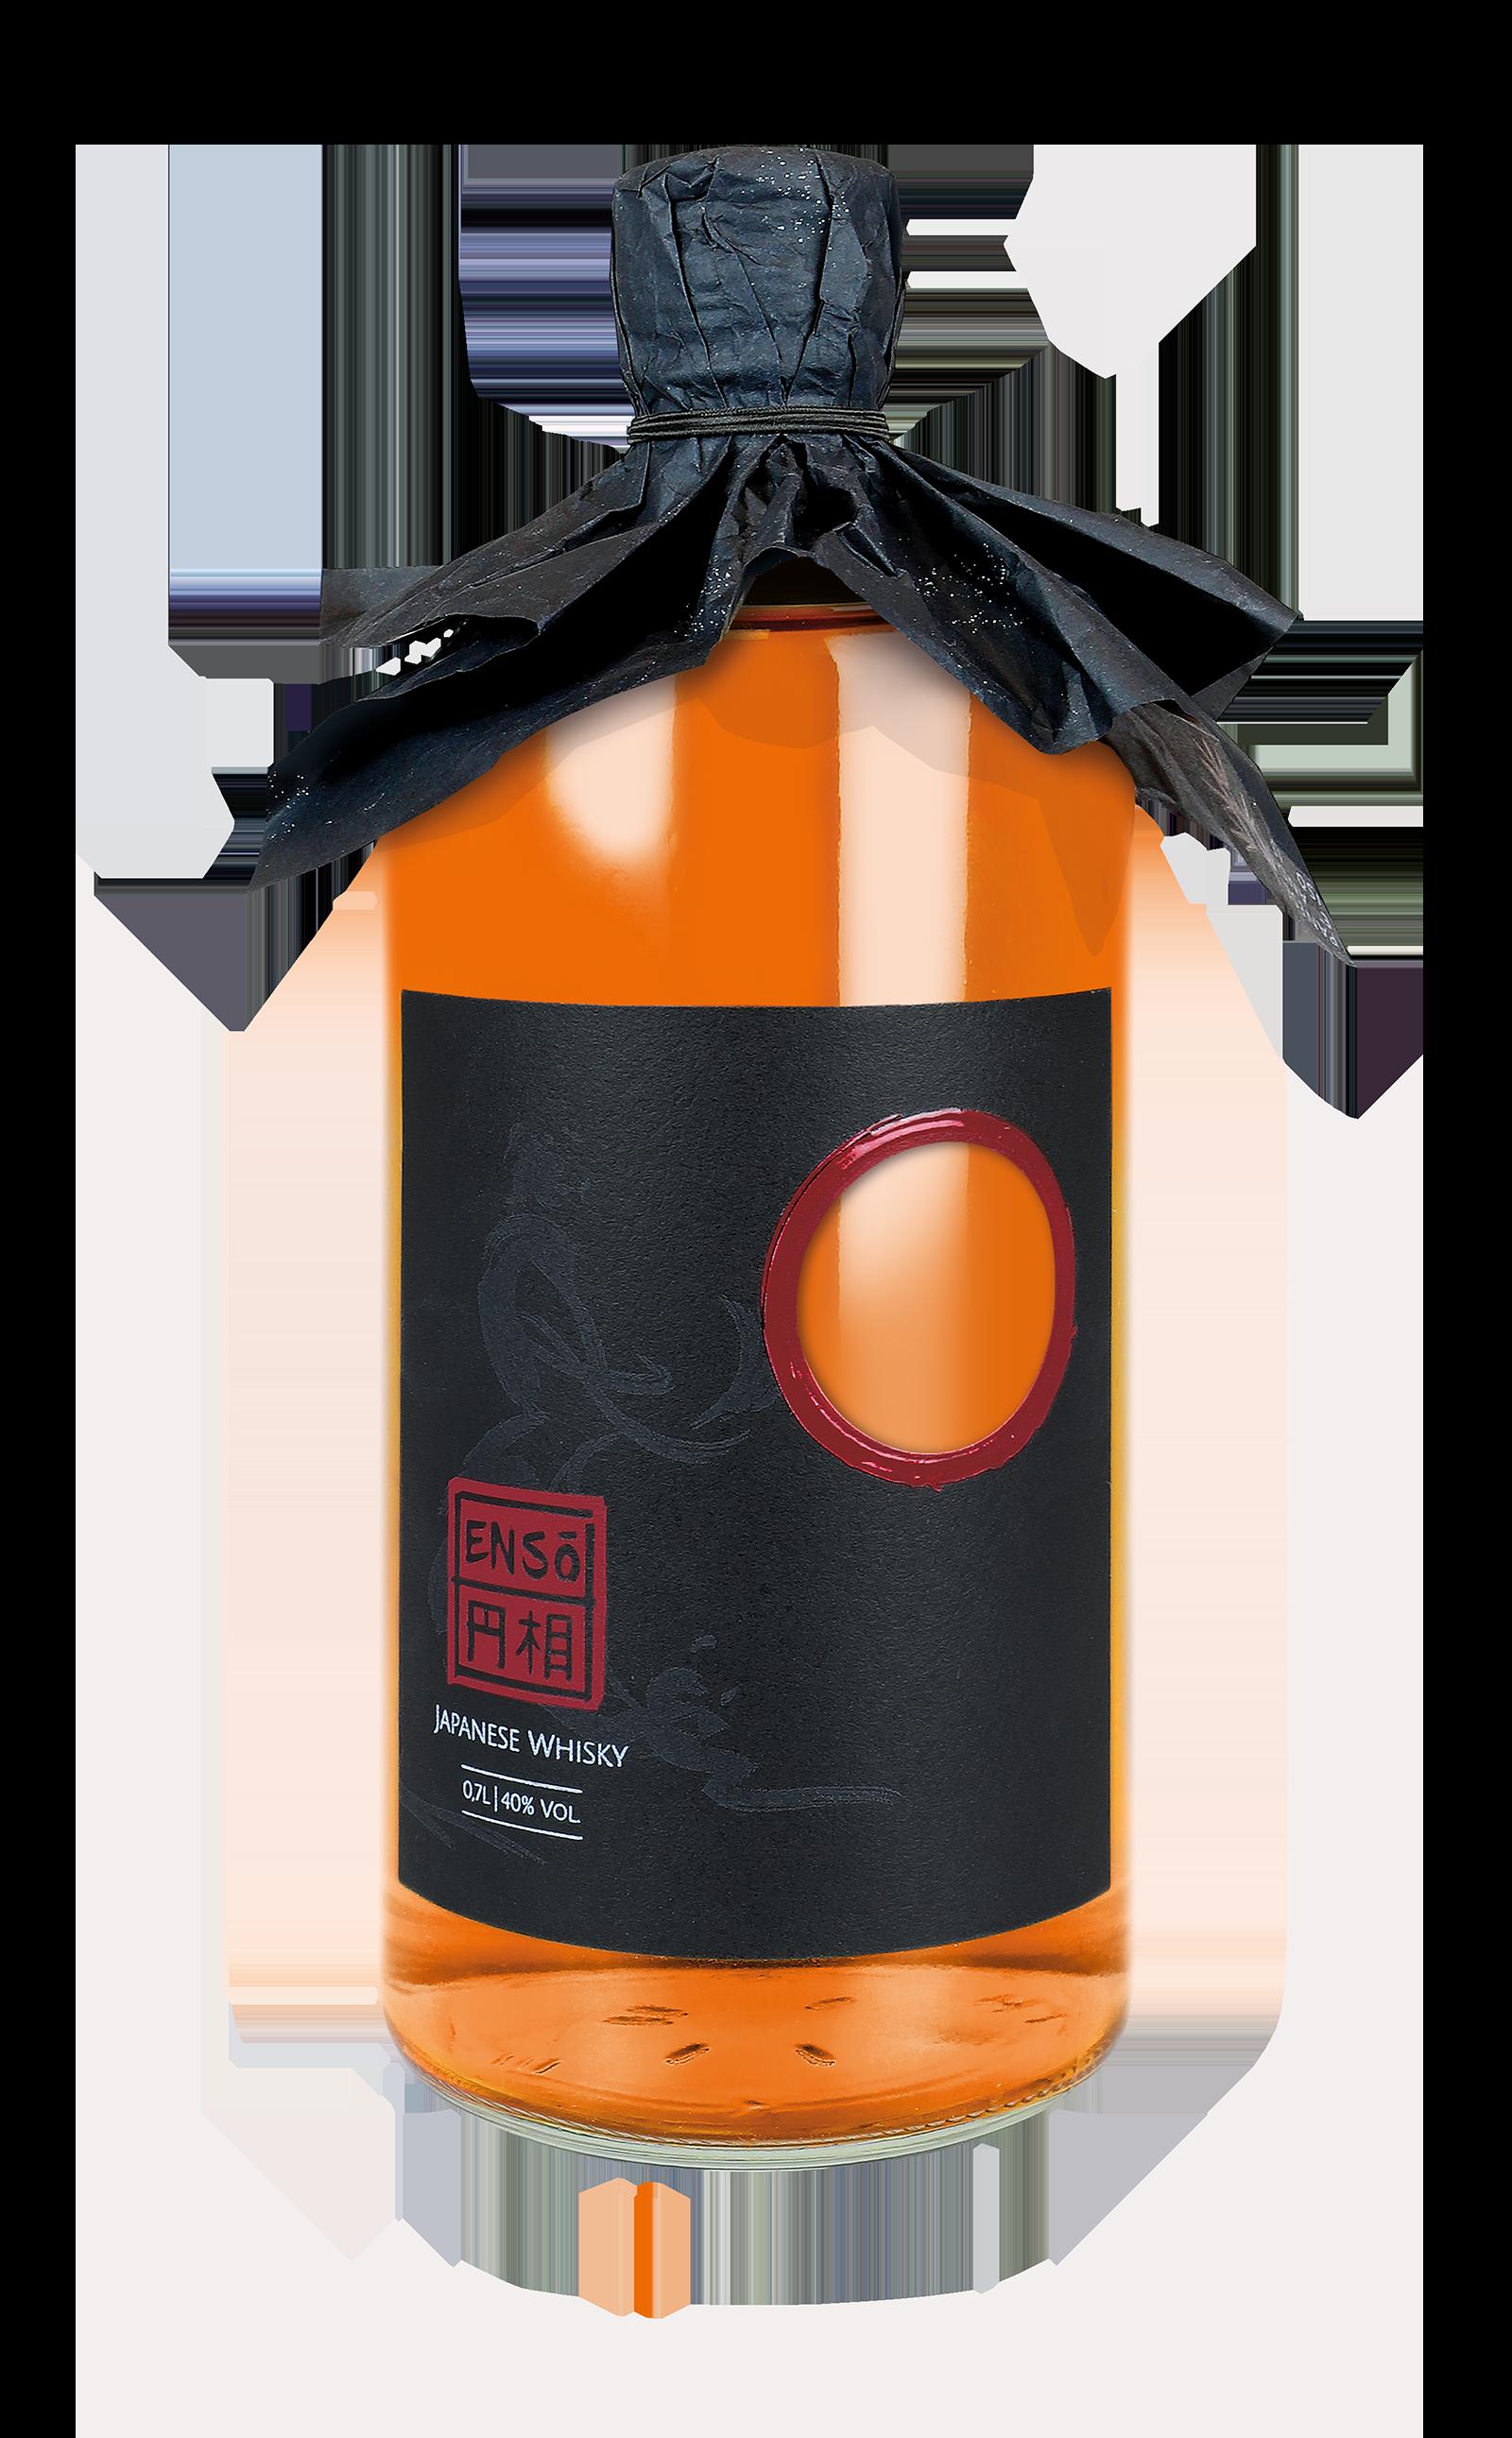 ENSO Blended Whisky Giapponese